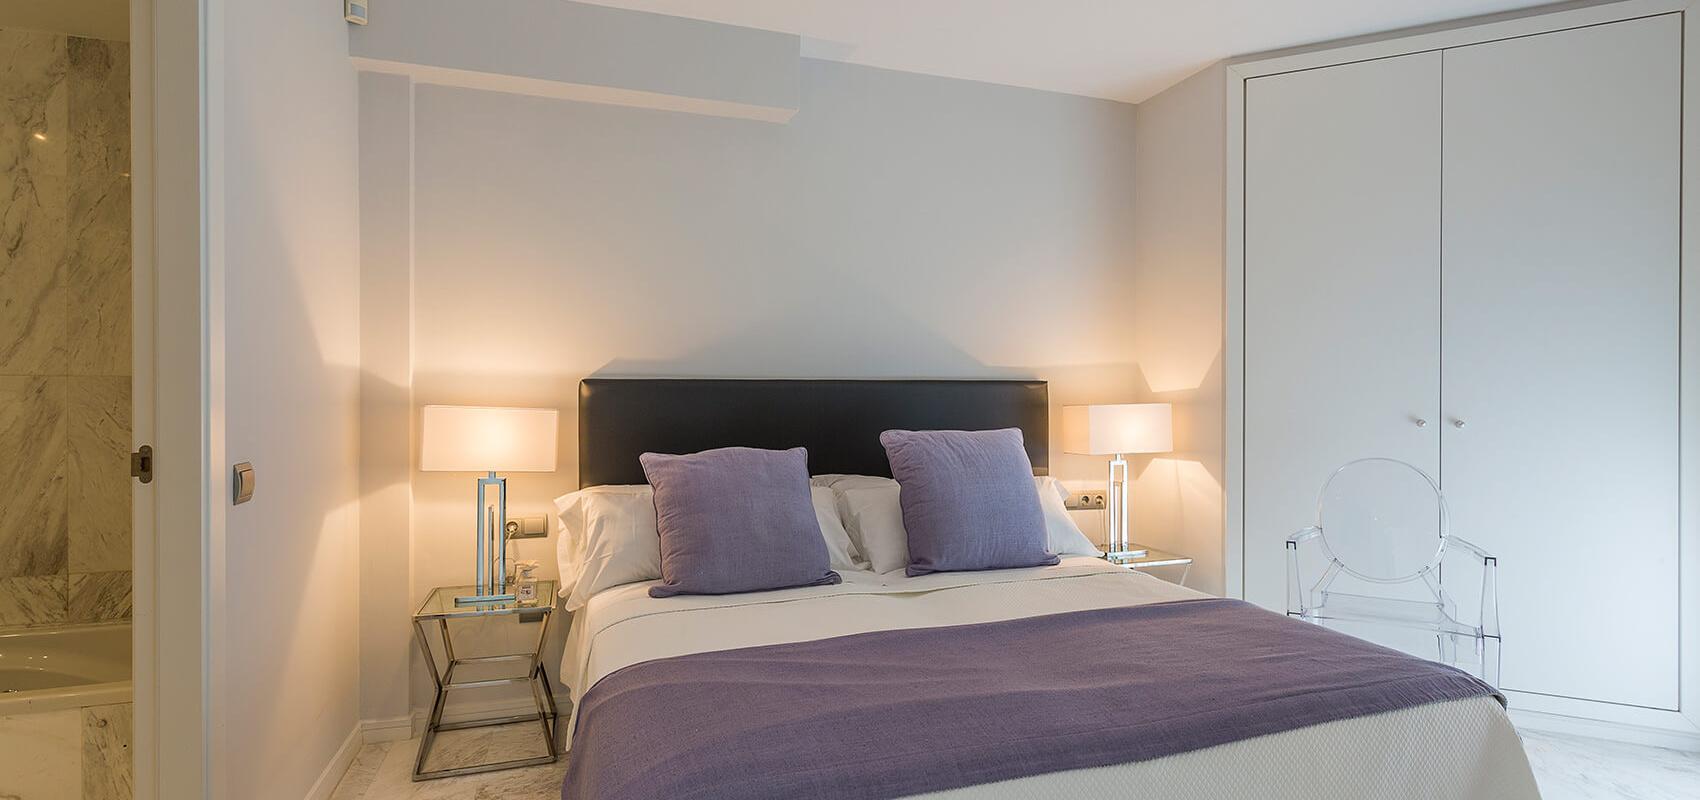 Dormitorio en suite con cama de matrimonio y cuarto de baño